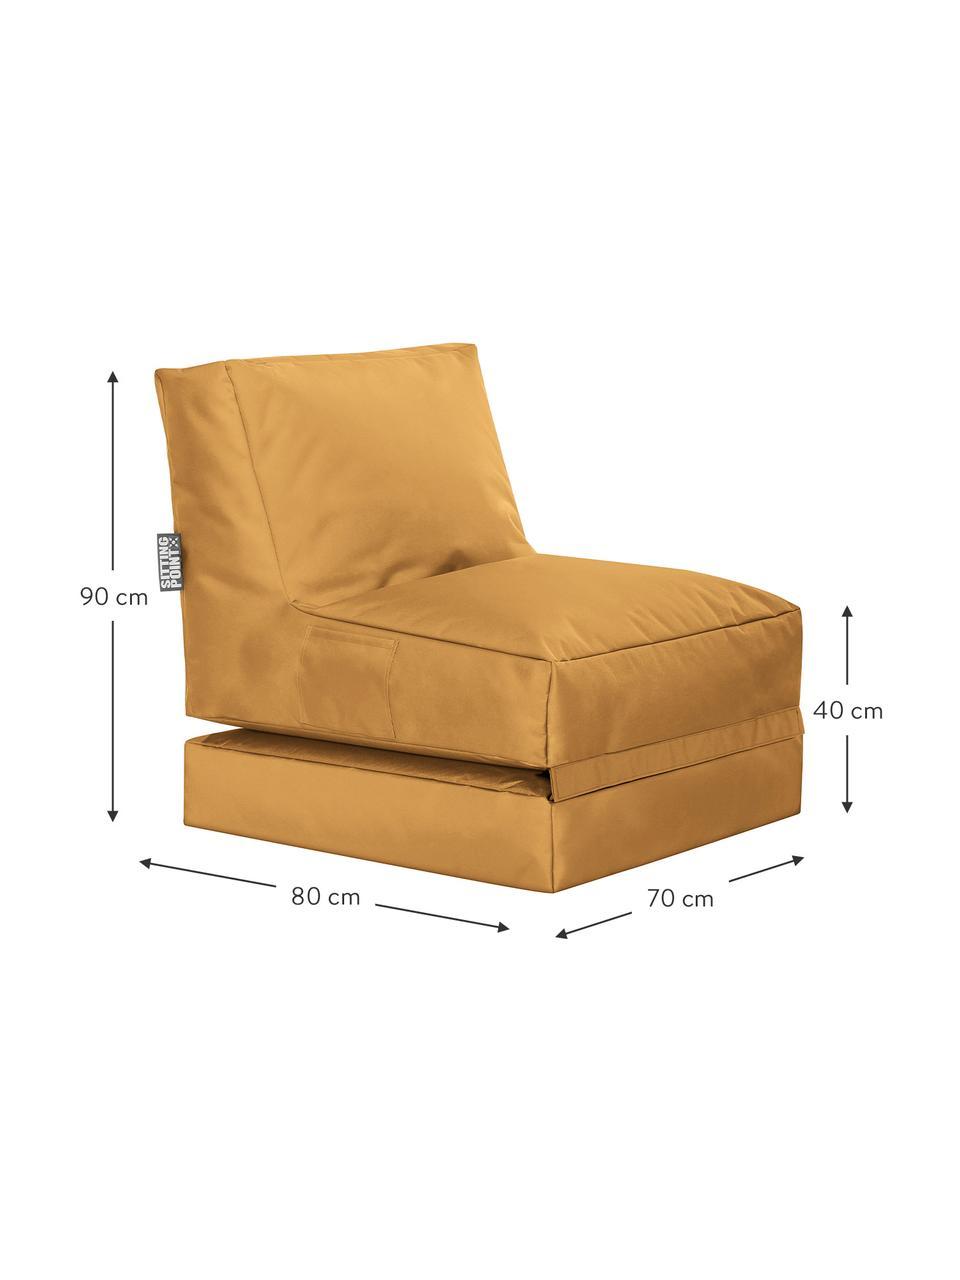 Fotel ogrodowy z funkcją leżenia Pop Up, Tapicerka: 100% poliester Wewnątrz p, Musztardowy, S 70 x G 90 cm